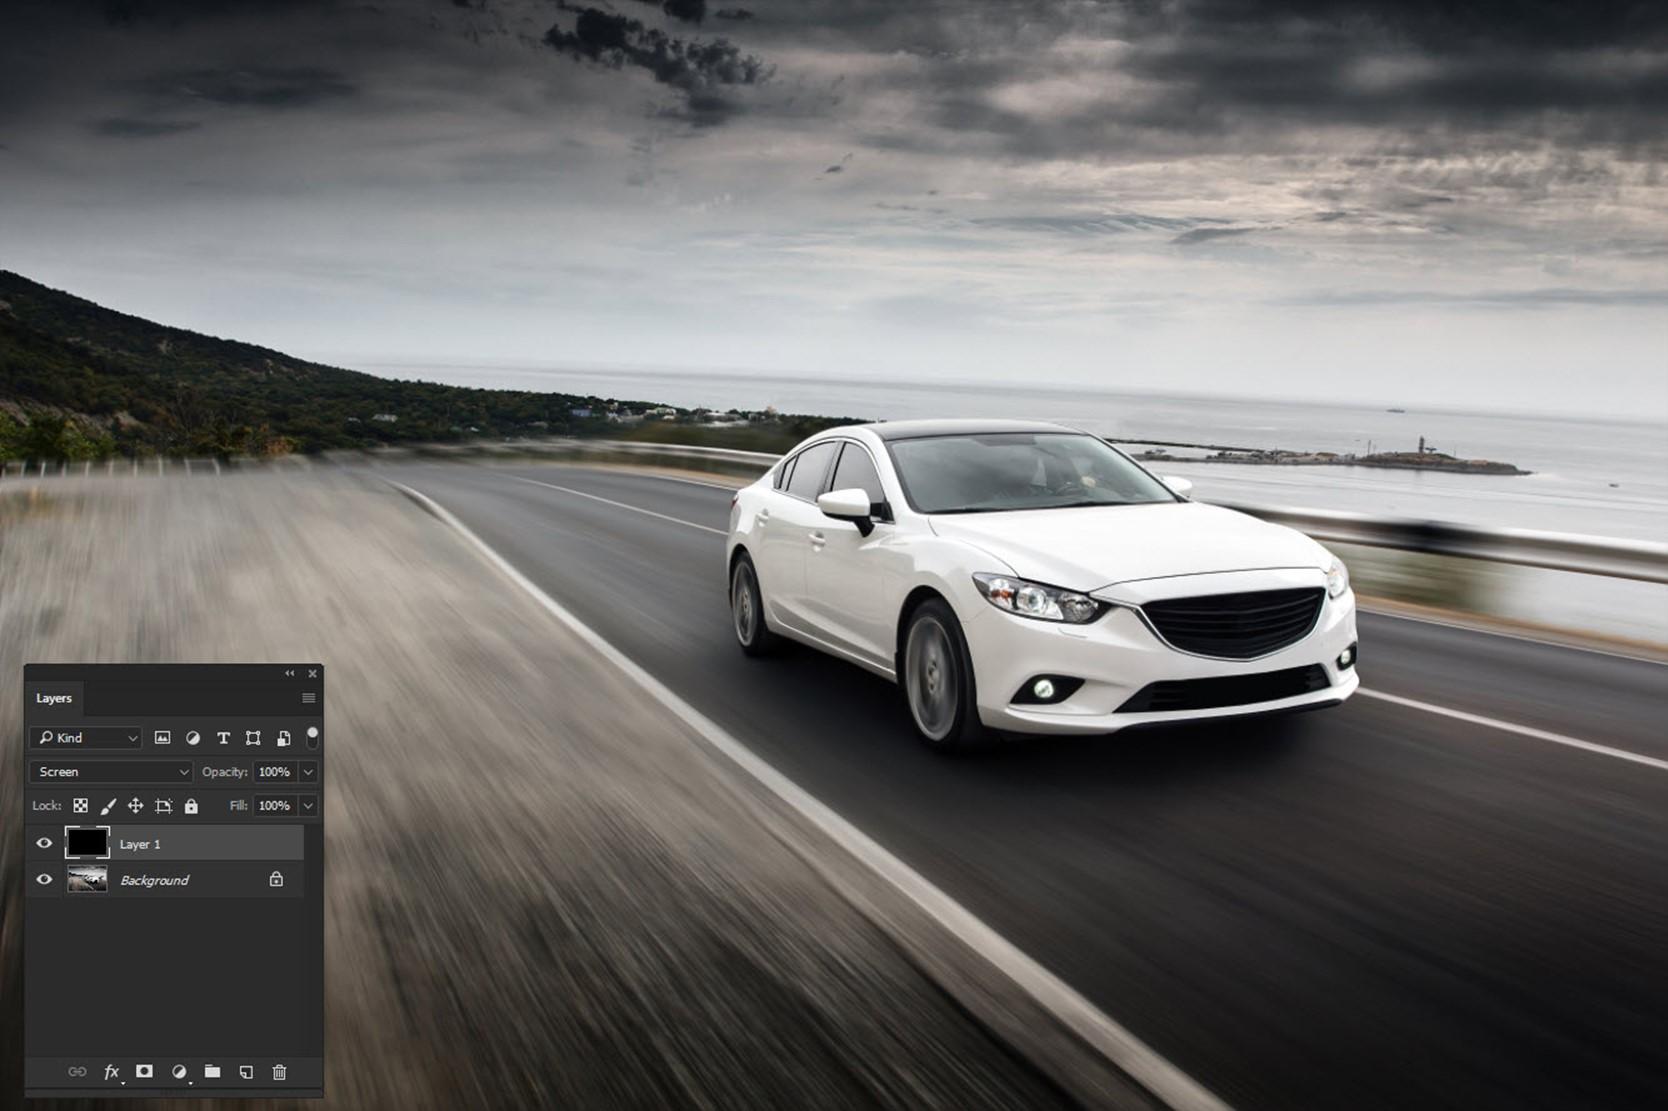 091017_1237_AddRealisti3 - Add Realistic Headlights in Car using Photoshop